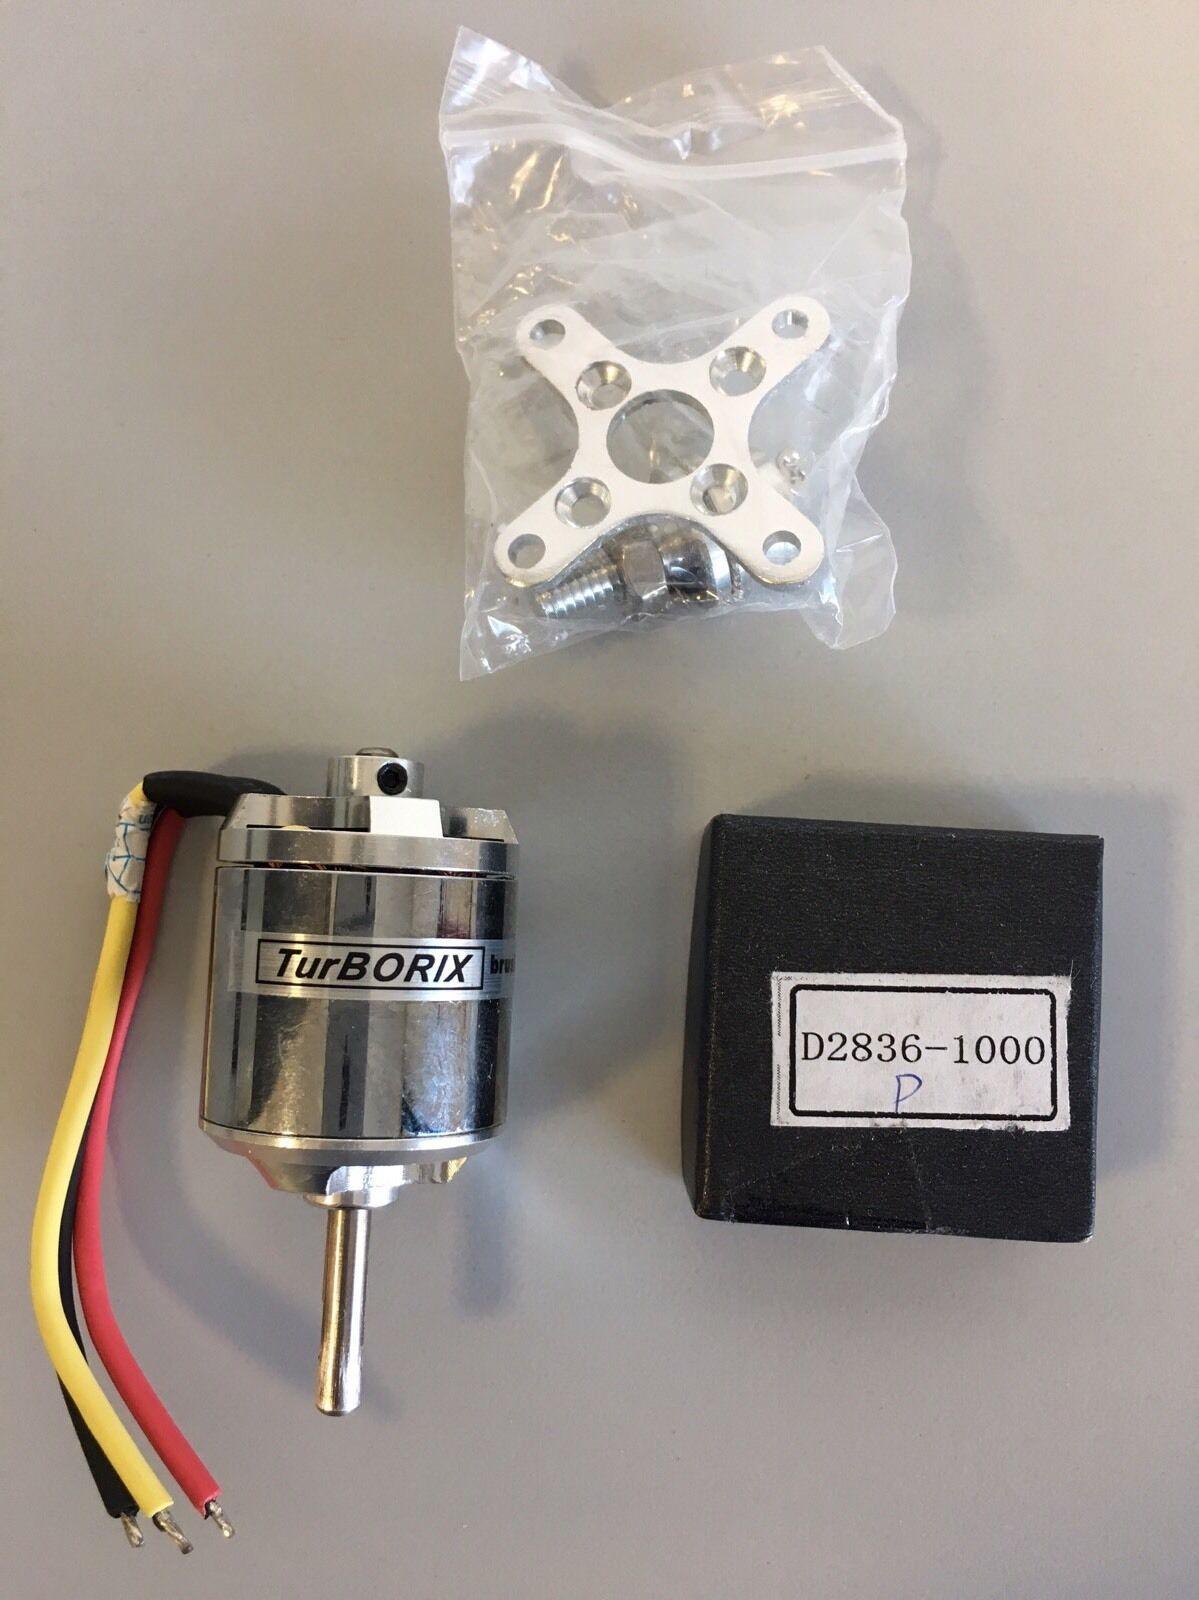 Turborix brushless motor D2836-1000 Brushless Motor For Airplane  1000rpm v222w